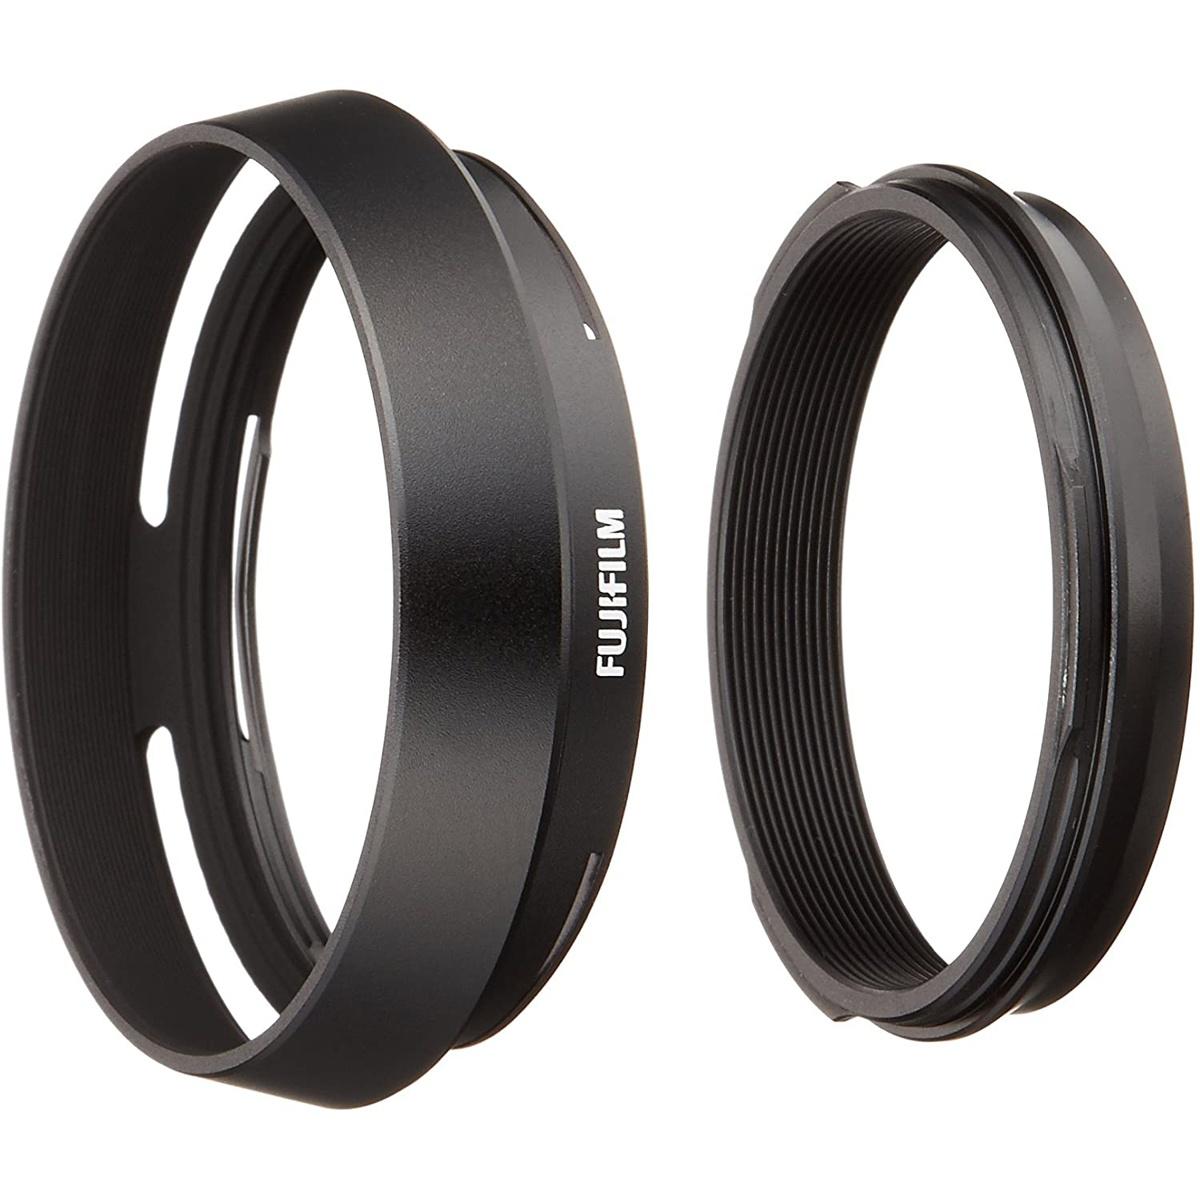 Fujifilm Sonnenblende LH-X100 schwarz